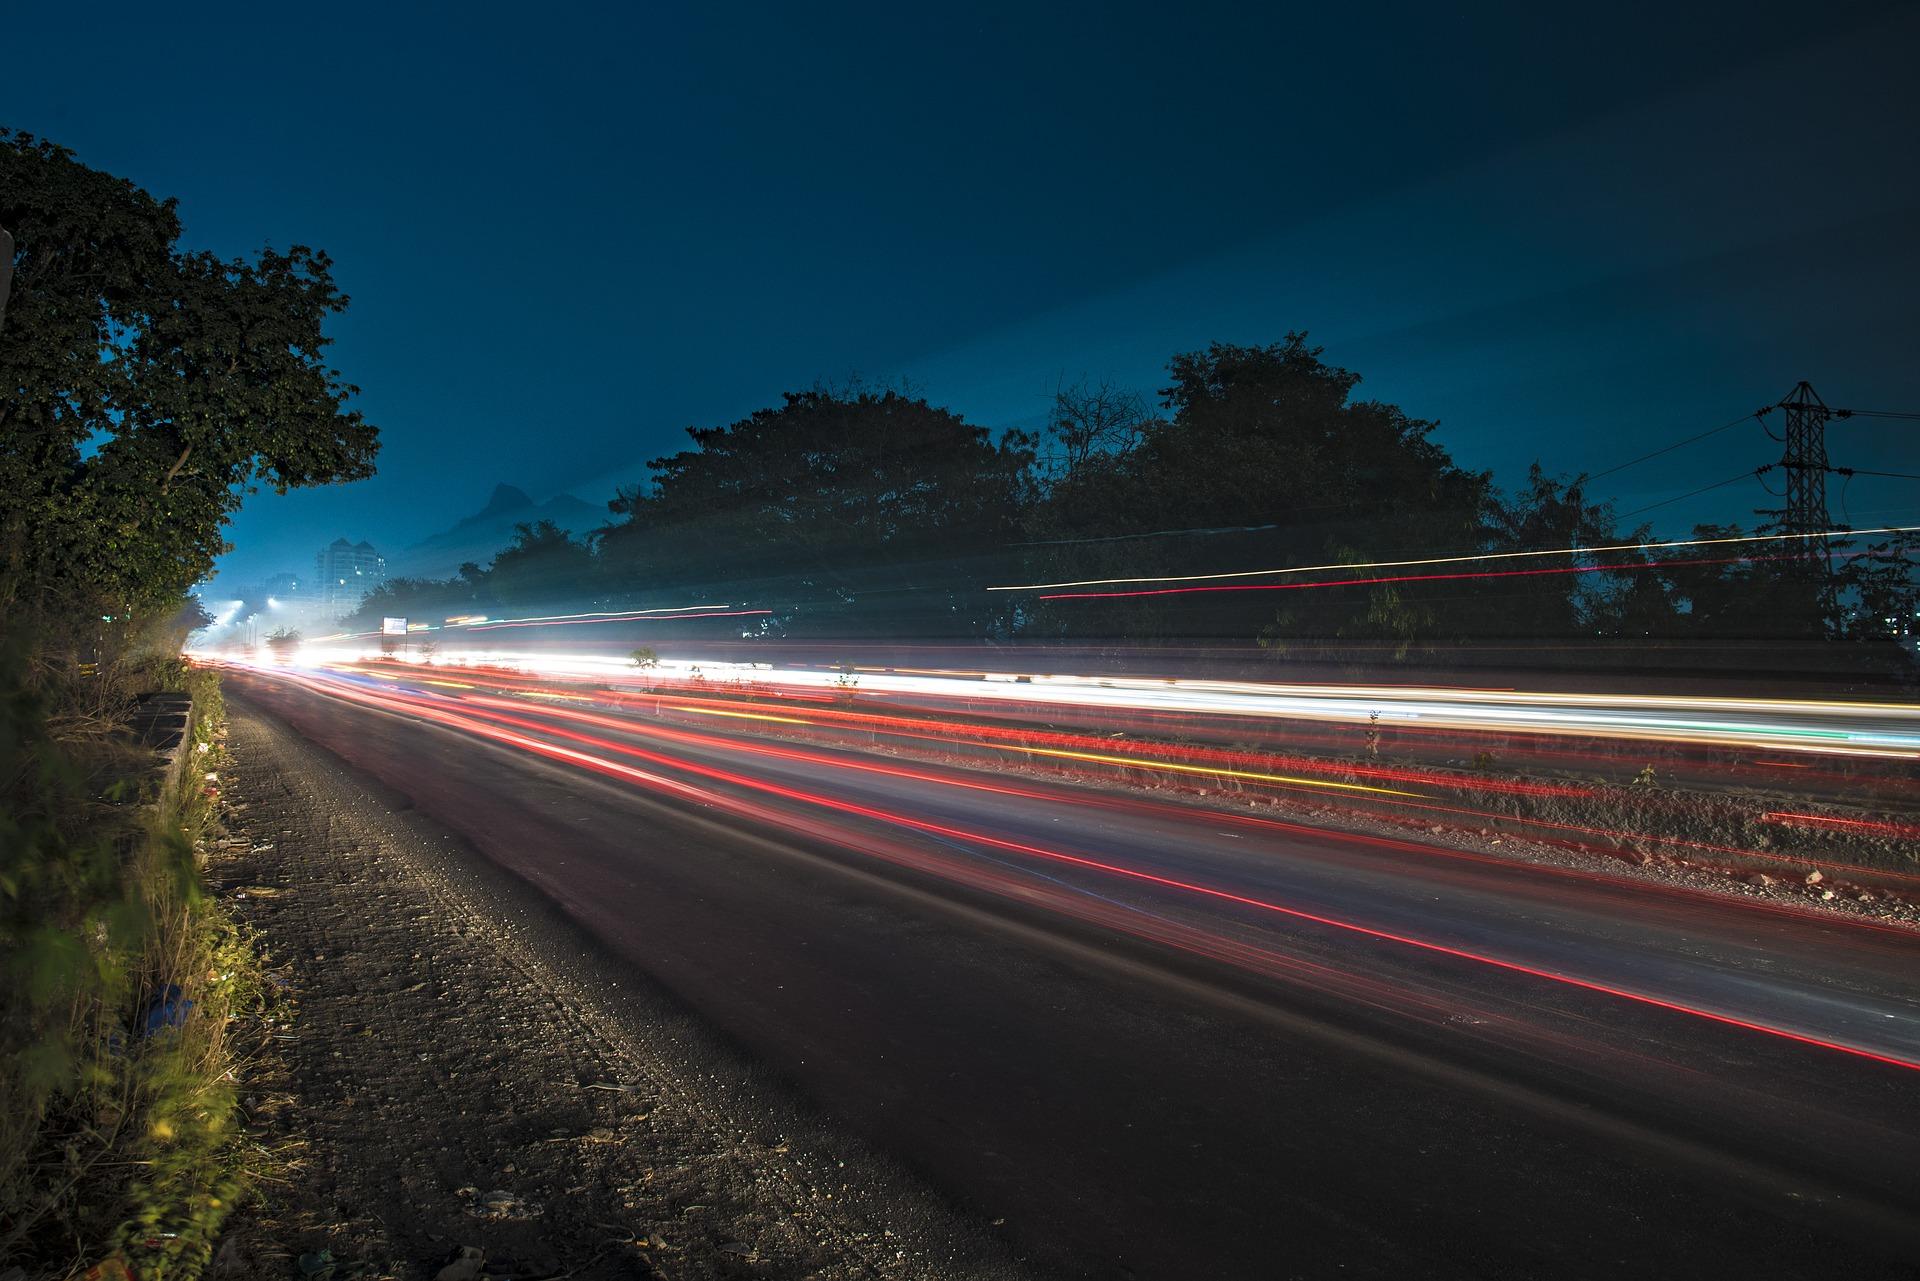 Eine korrekte Beleuchtung ist nachts und bei schlechter Witterung unerlässlich